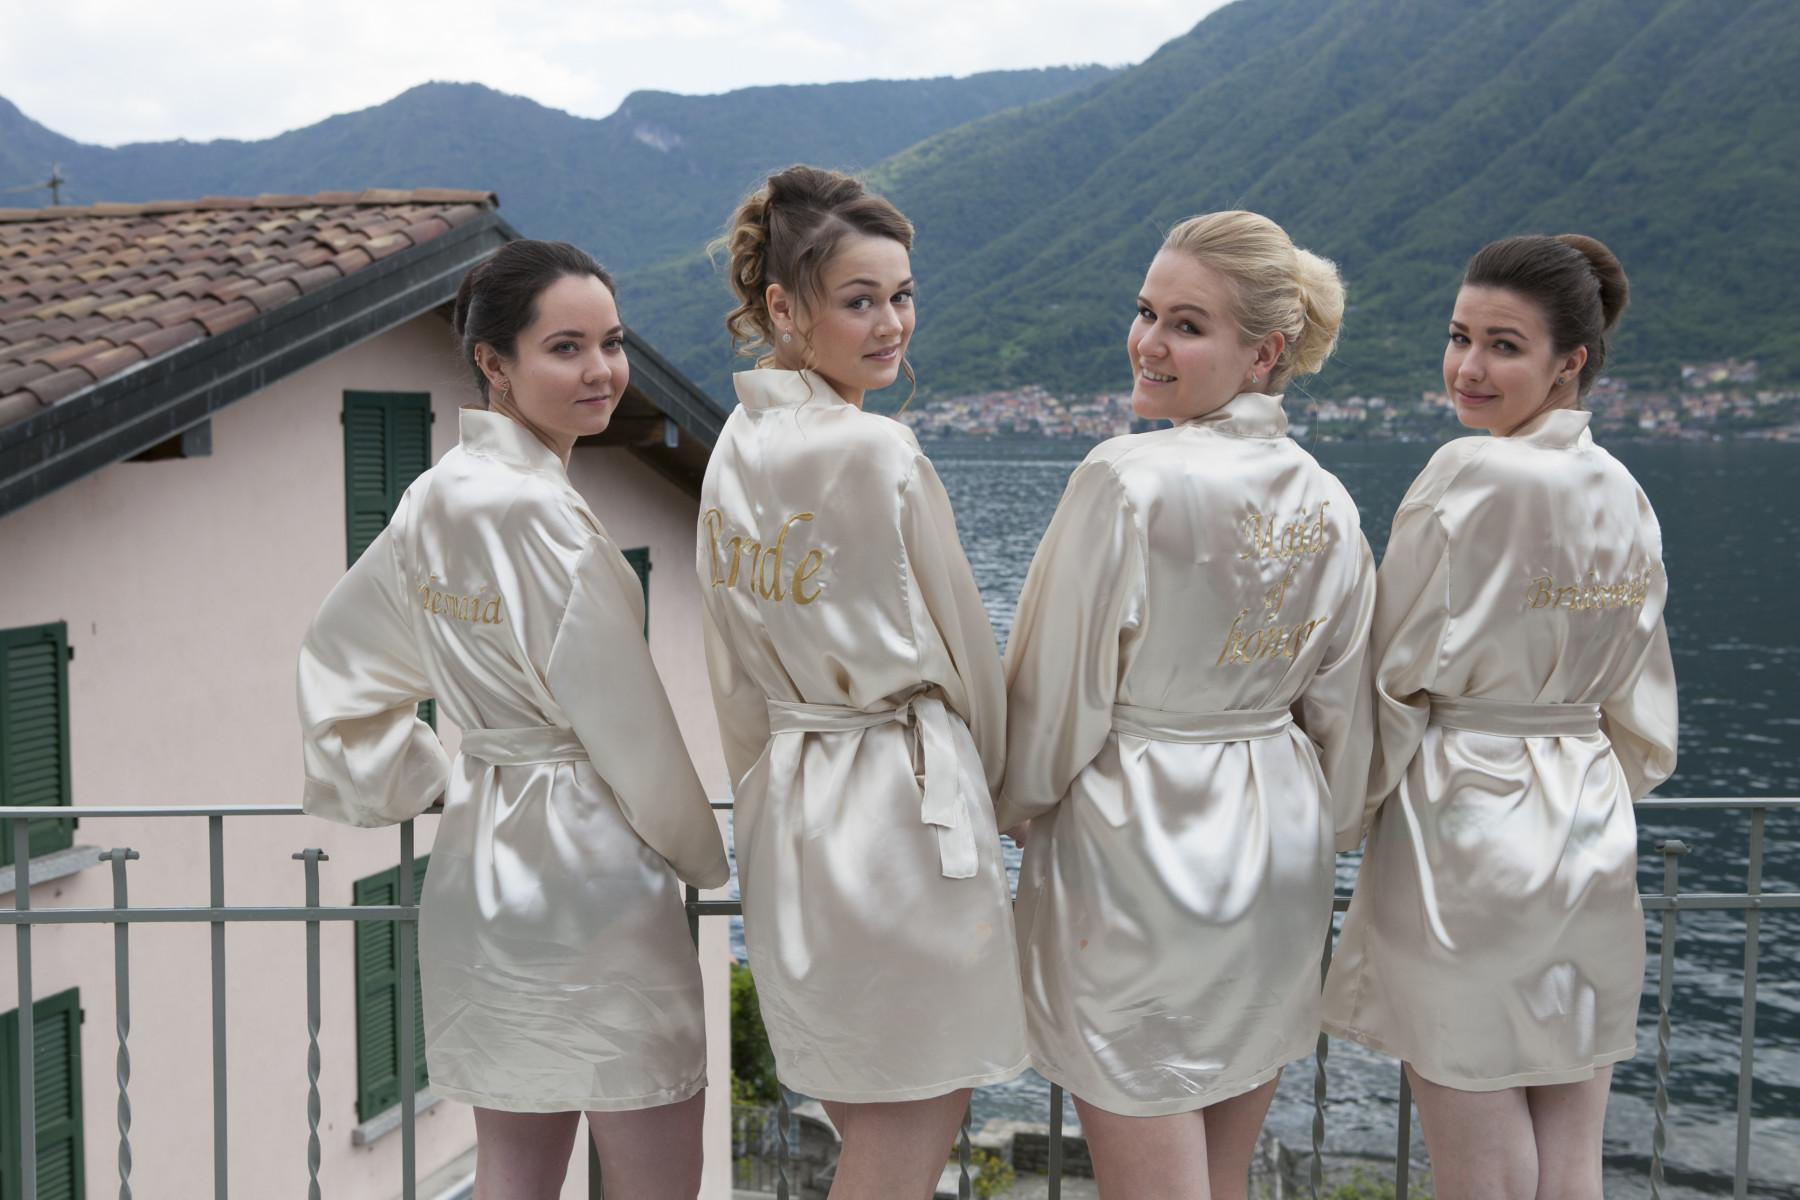 Villa balbianello - Lago di Como - Italy - Romantic Wedding